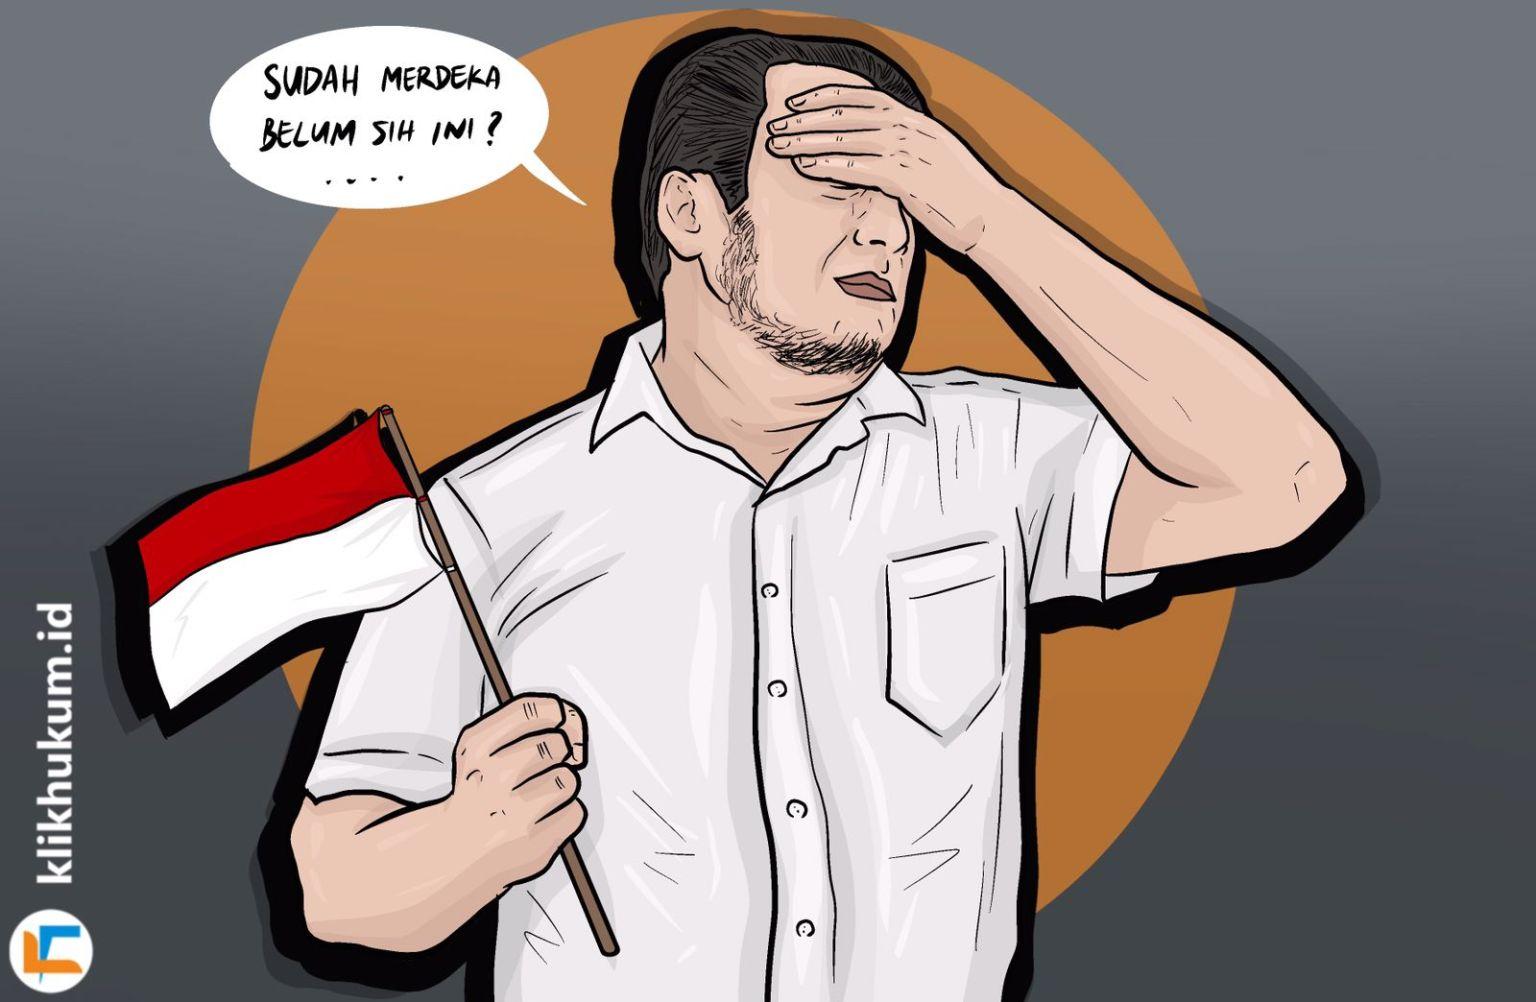 INDONESIA MERDEKA?